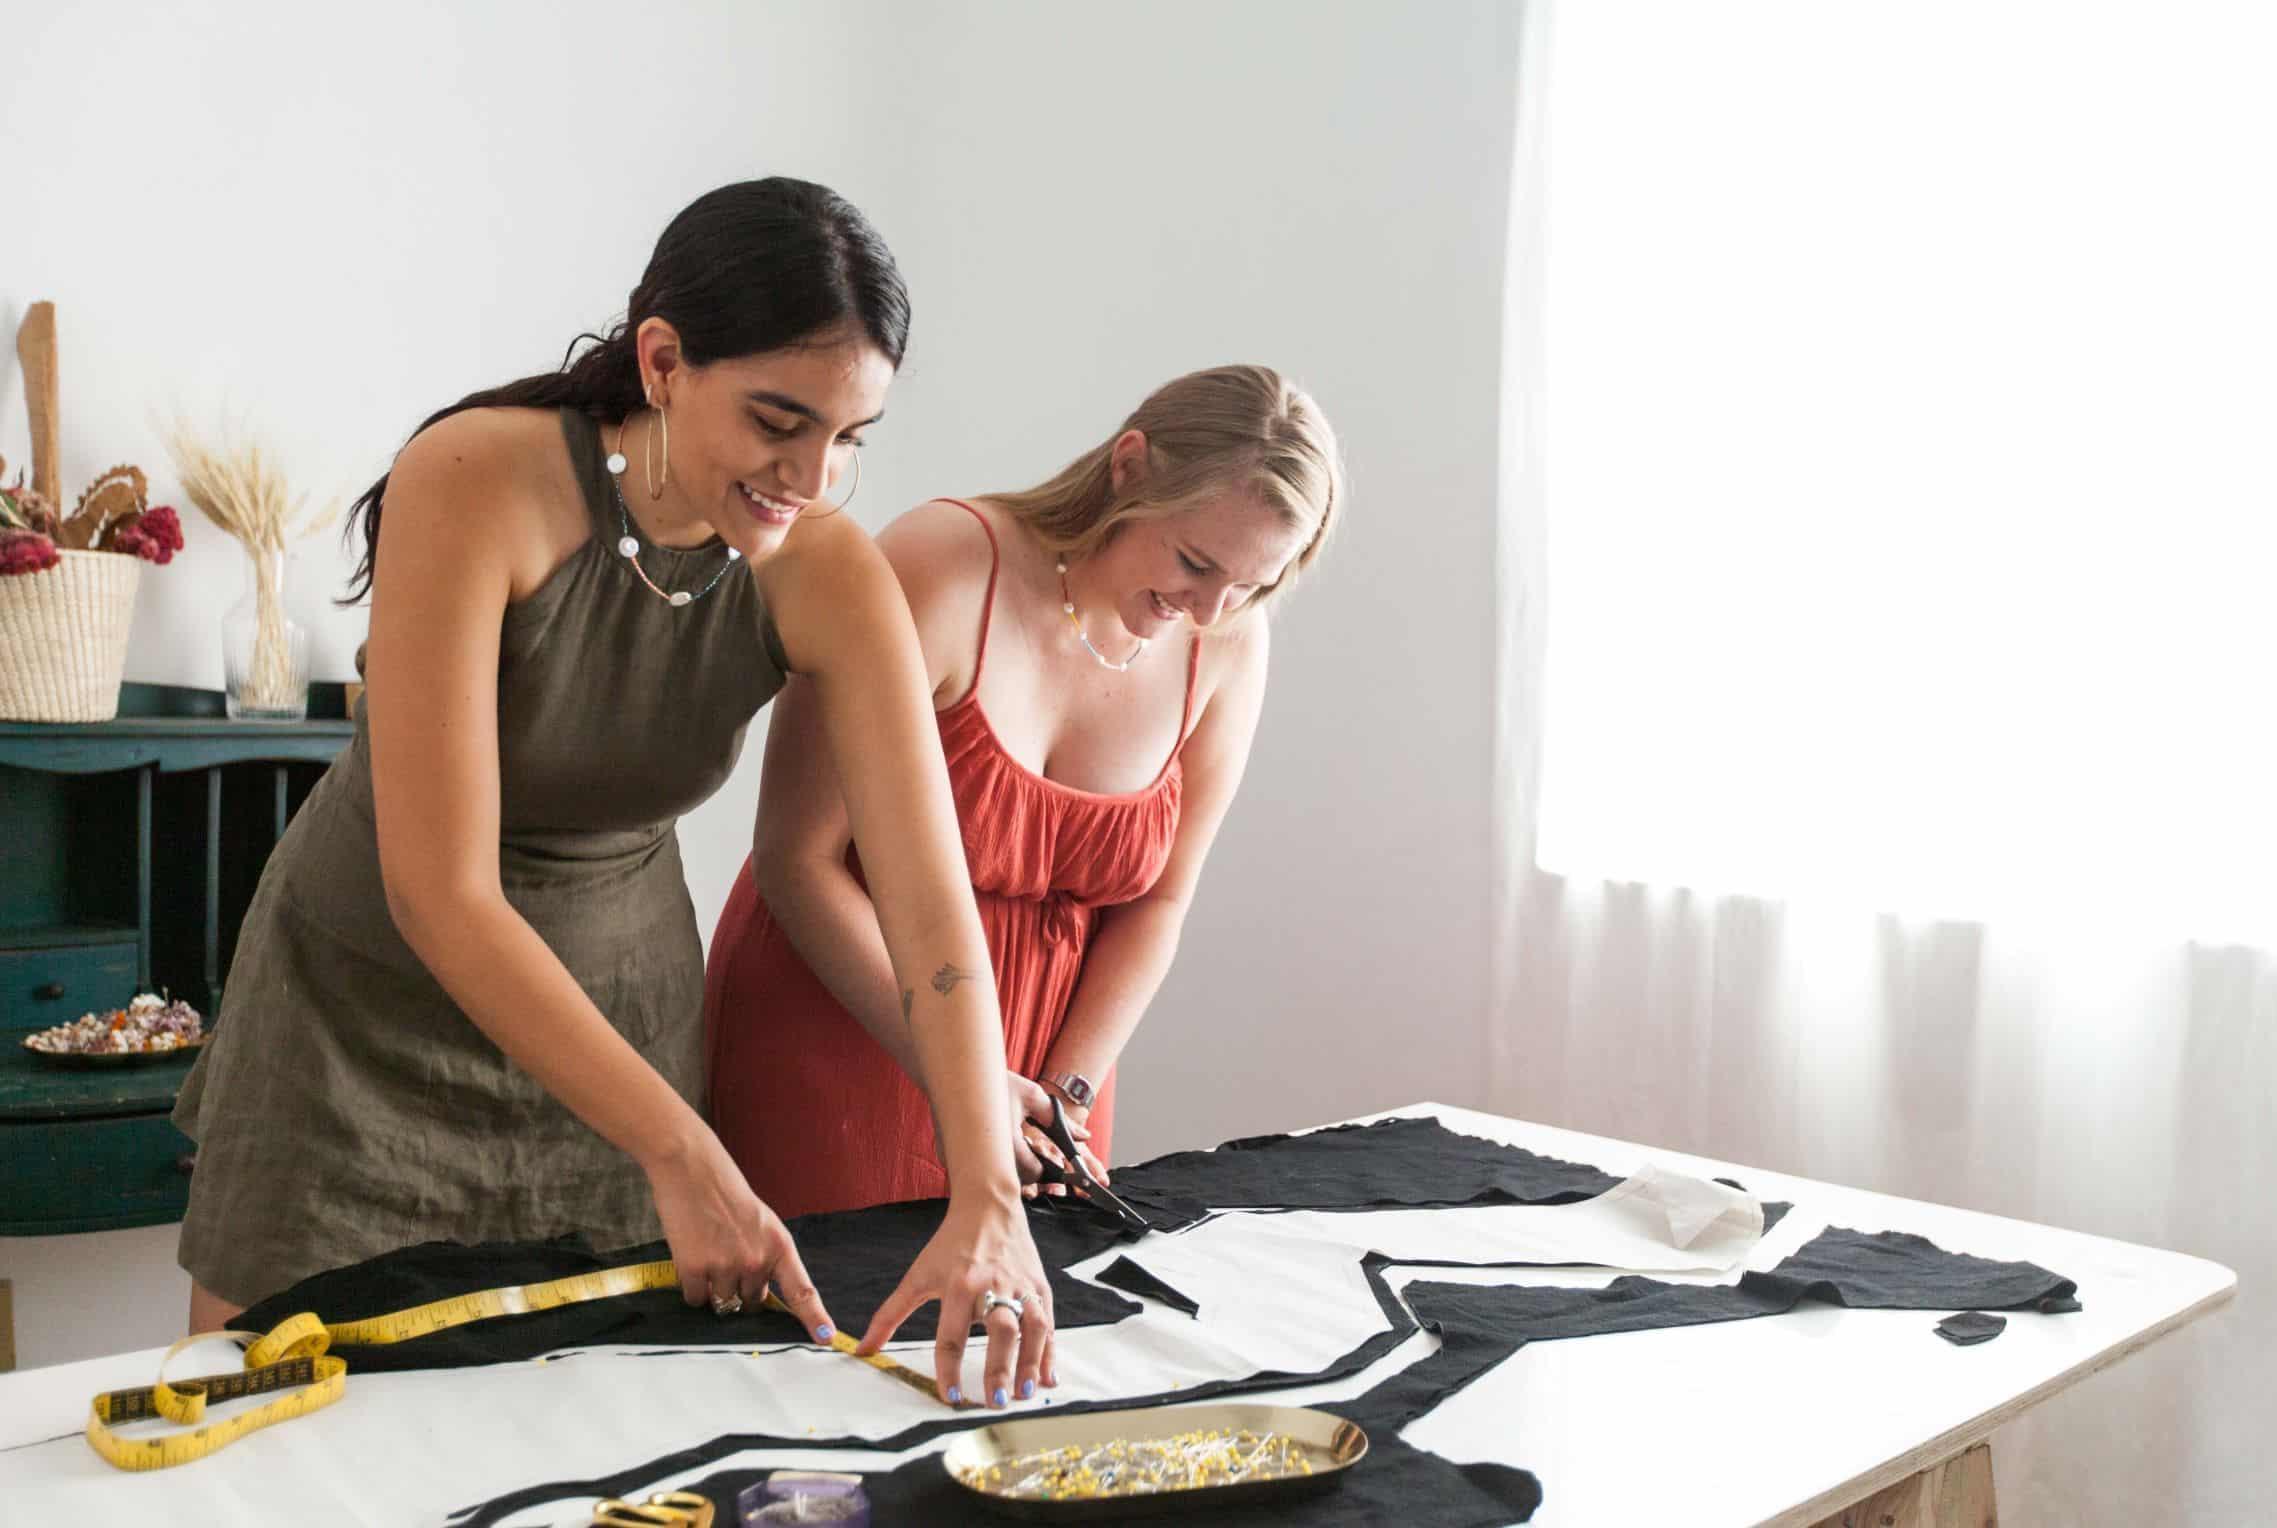 women business fun fashion creating